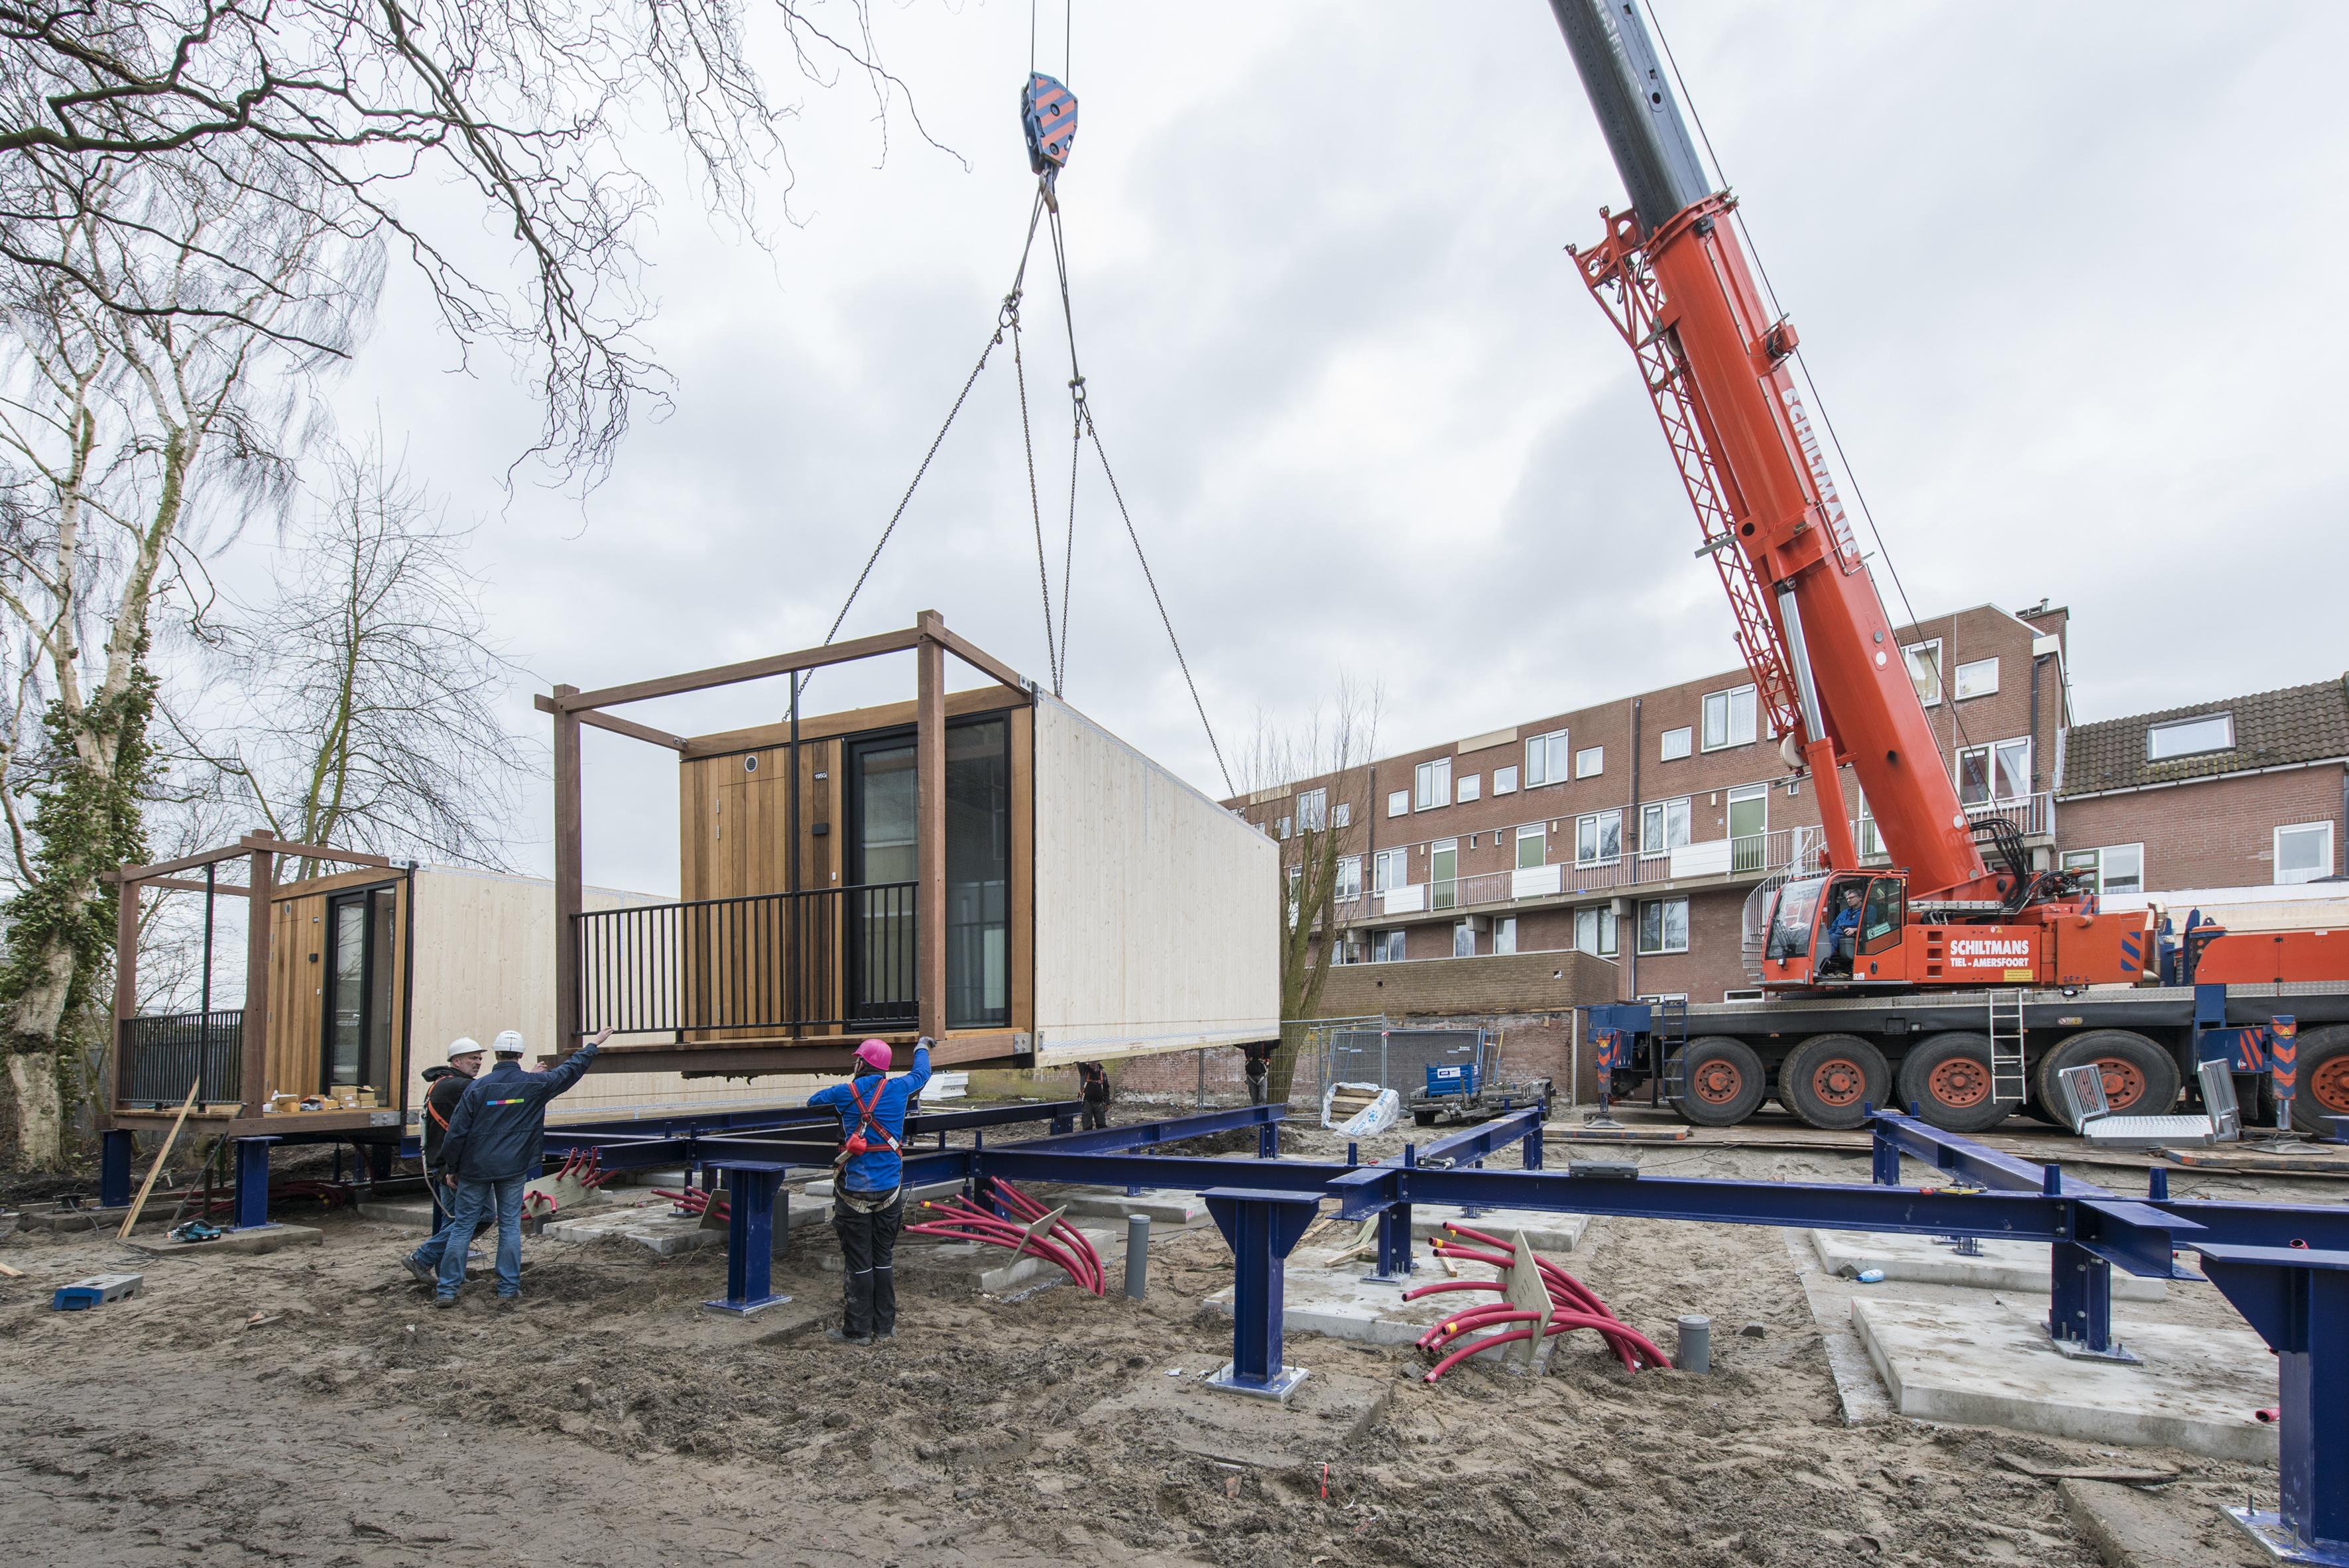 Verplaatsbare huizen vliegen de fabriek uit